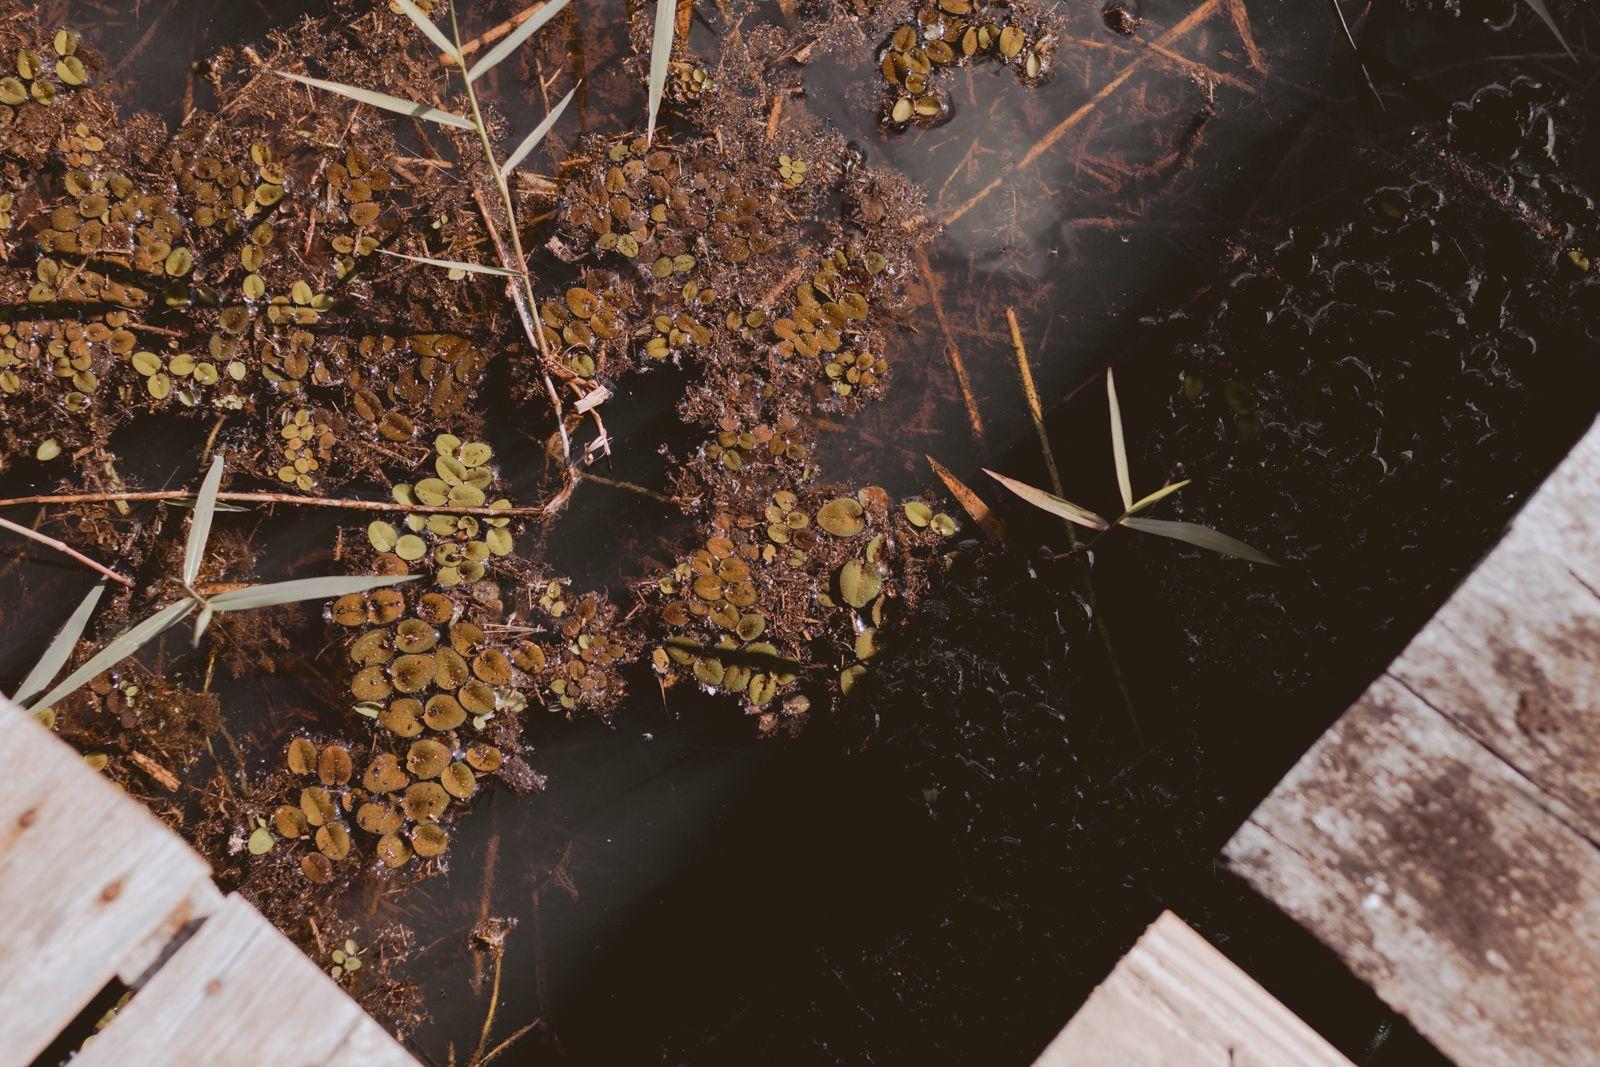 algas perto do palanque de madeira